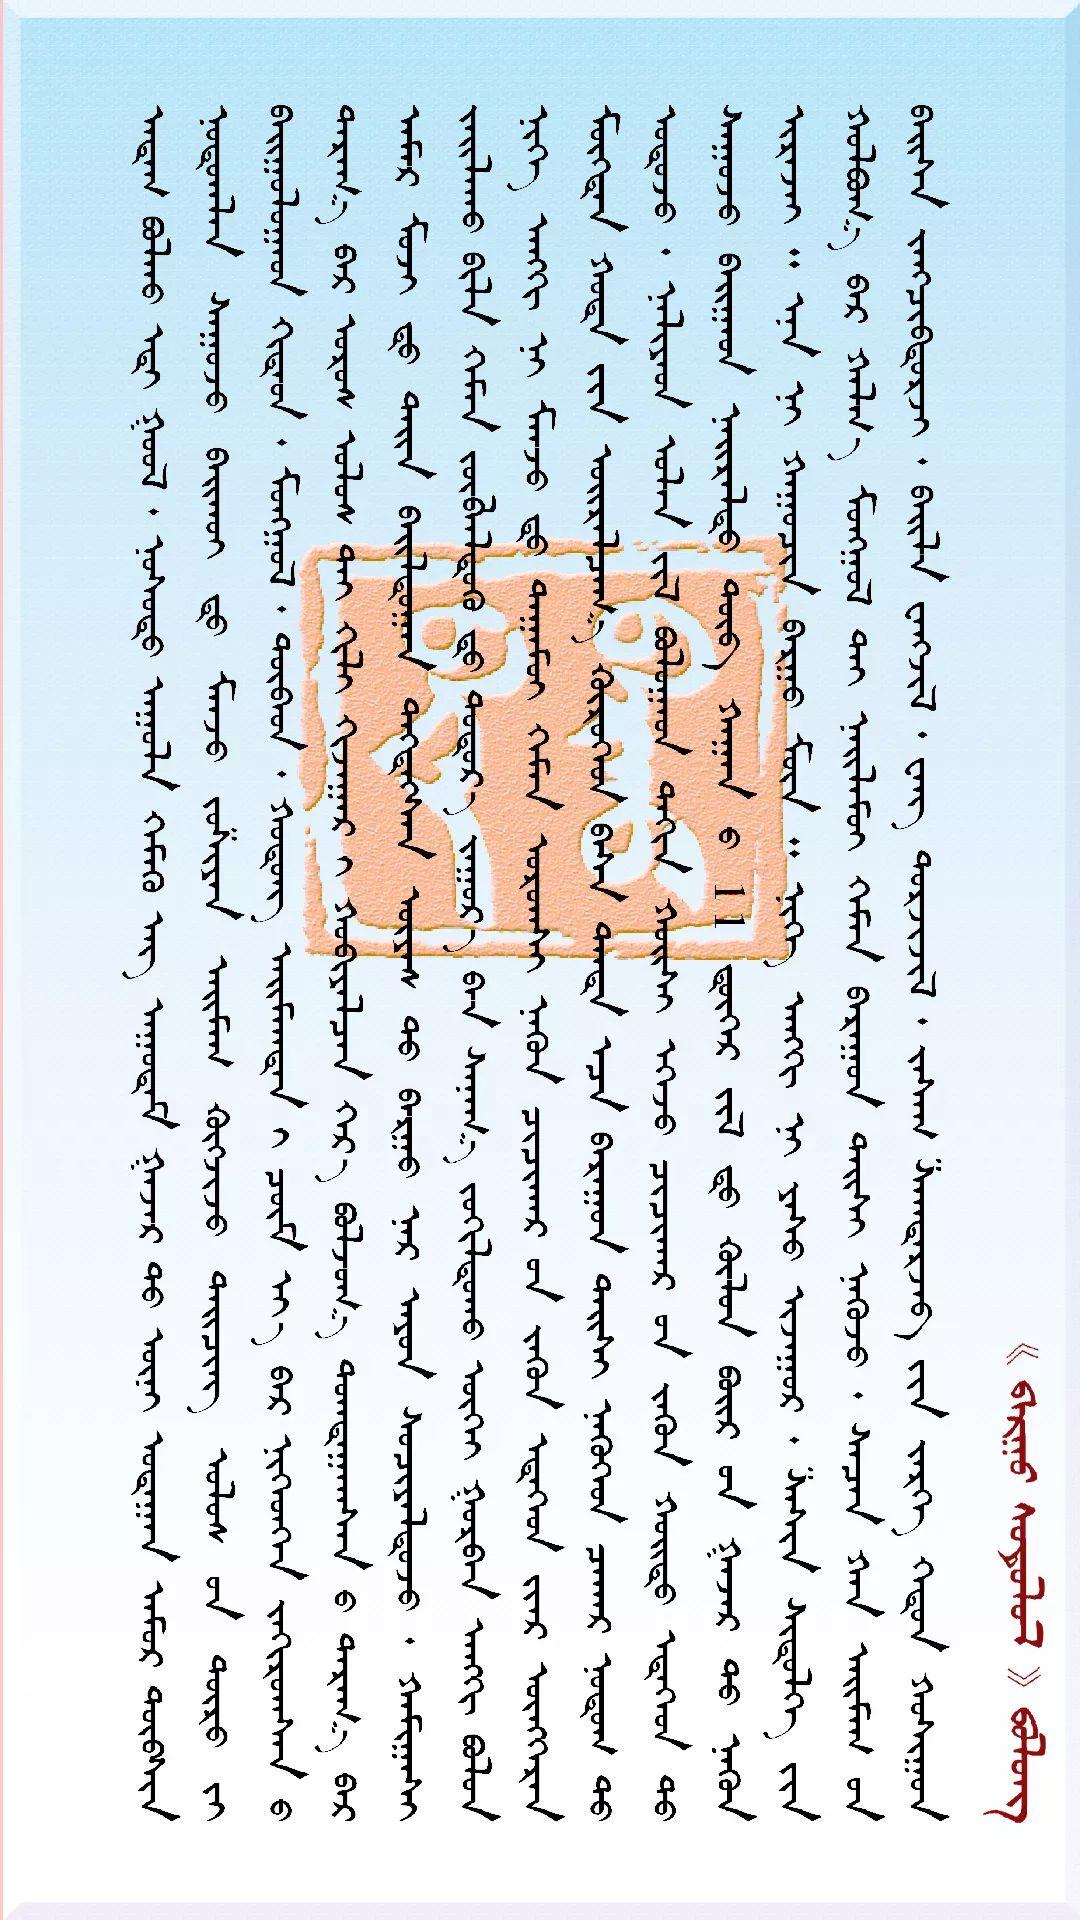 巴尔虎研究【第四期】 第6张 巴尔虎研究【第四期】 蒙古文化